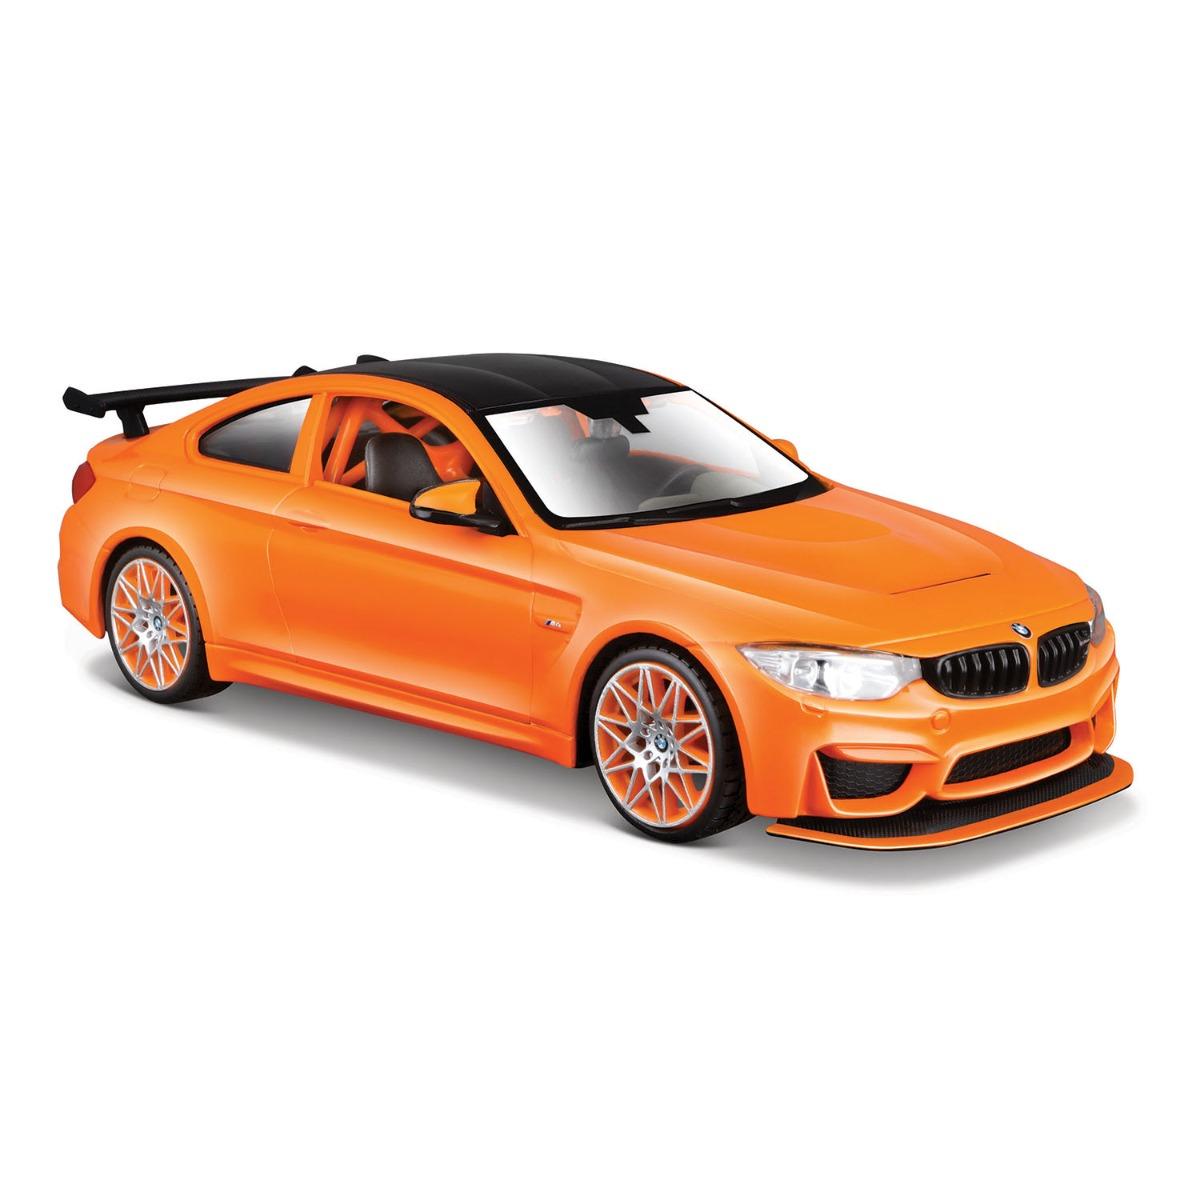 Masinuta Maisto BMW M4 GTS, 1:24, Portocaliu